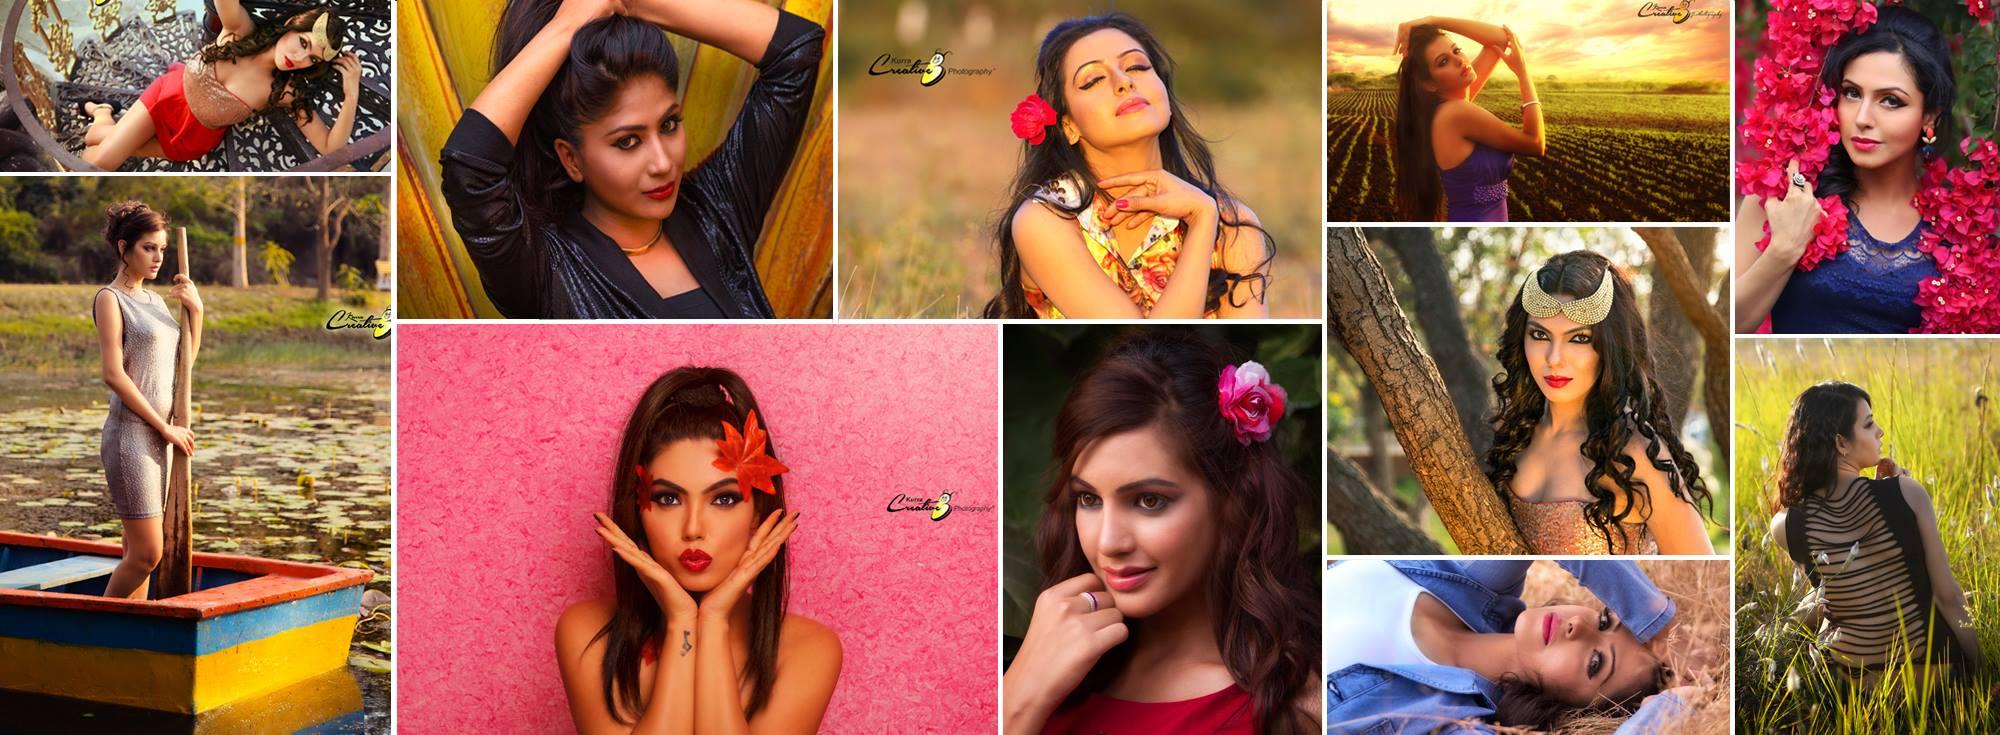 Hyderabad modeling agencies